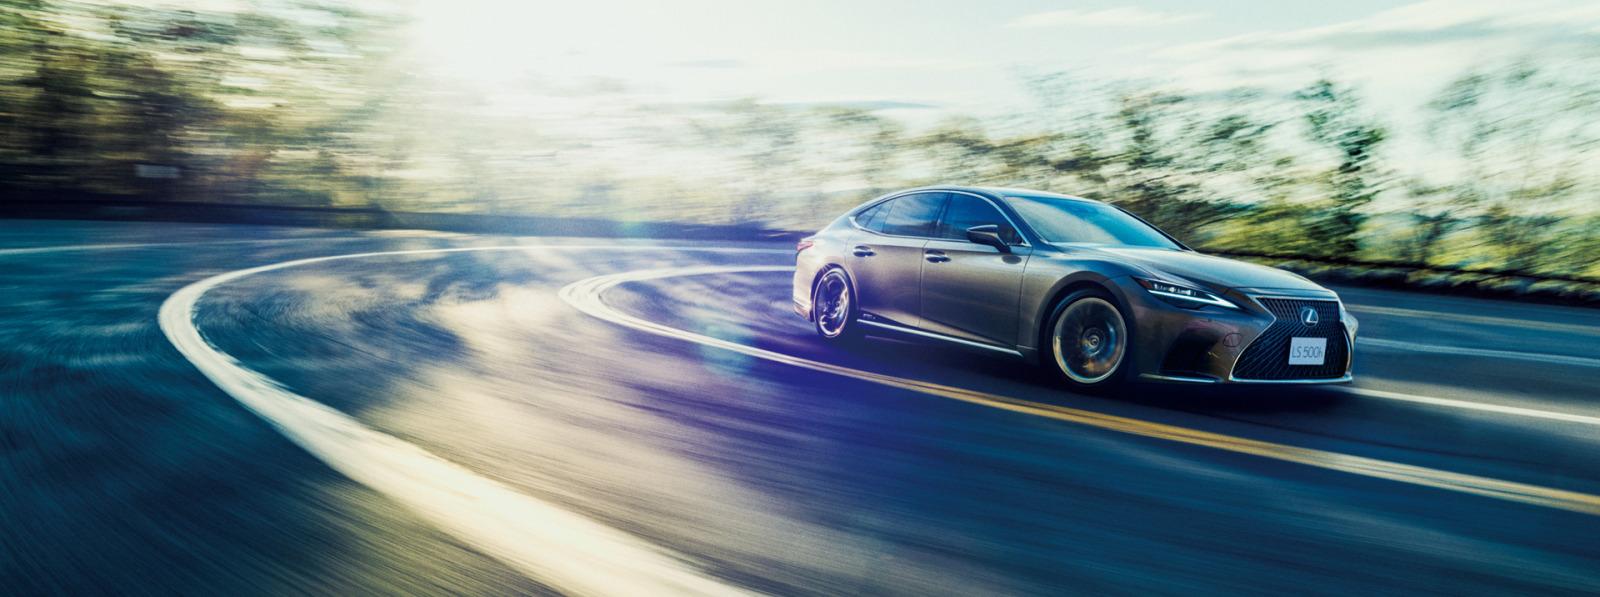 「レクサスLSがビッグマイナーチェンジ。乗り心地や静粛性の向上など、快適性をさらにアップ【新車】」の2枚目の画像